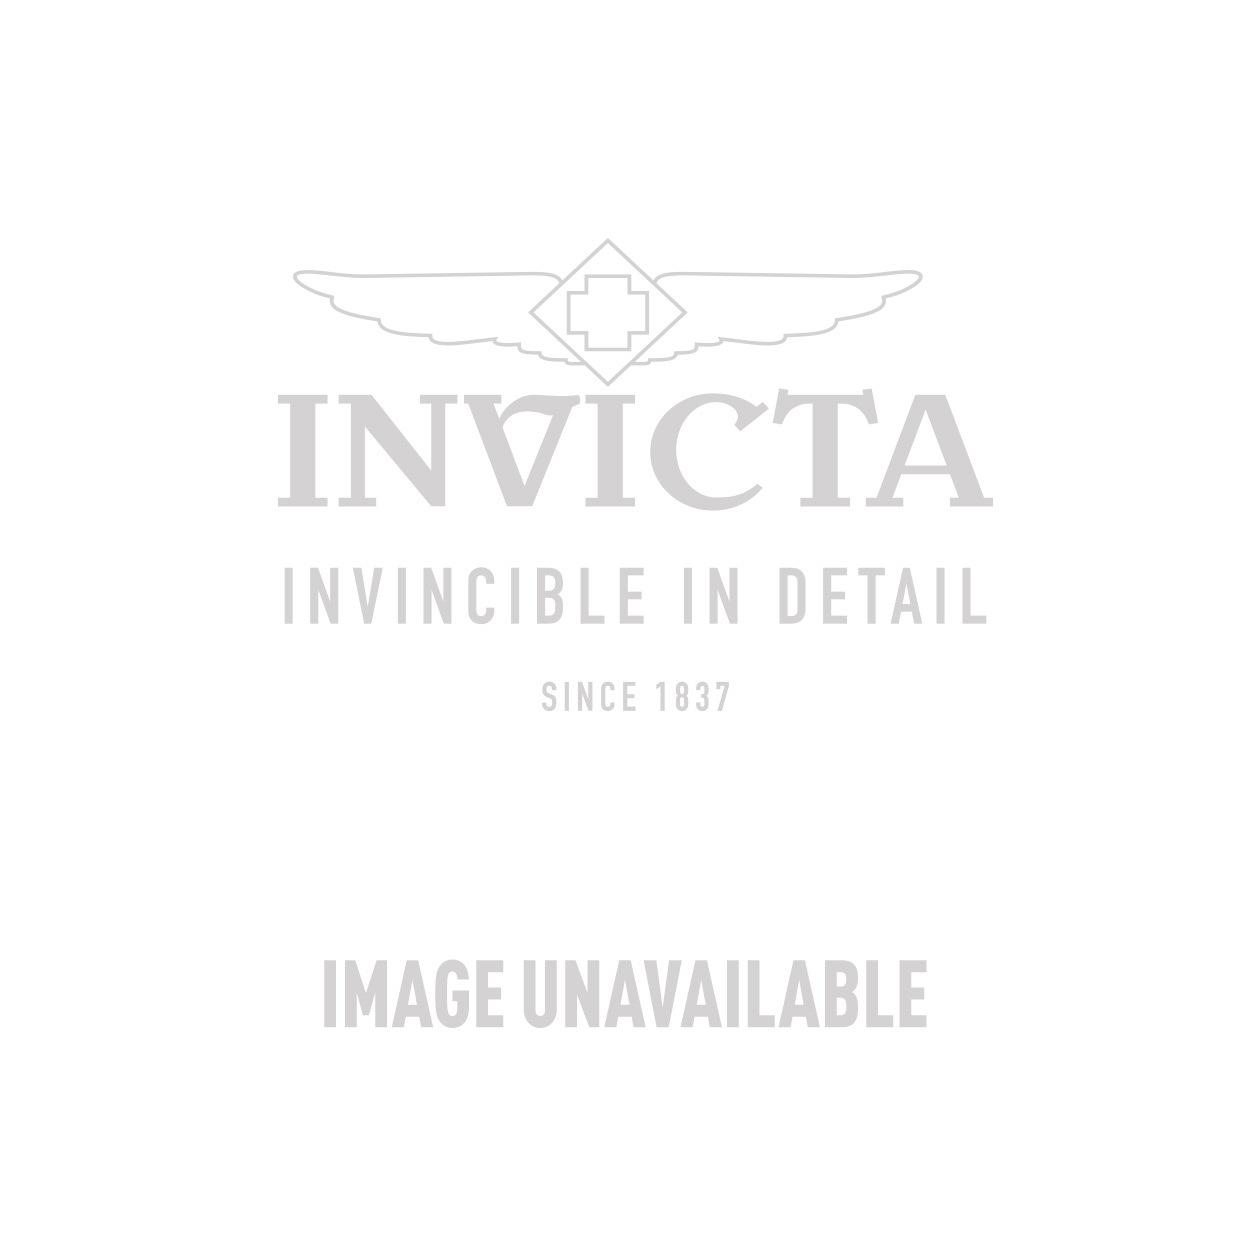 Invicta Model 27391